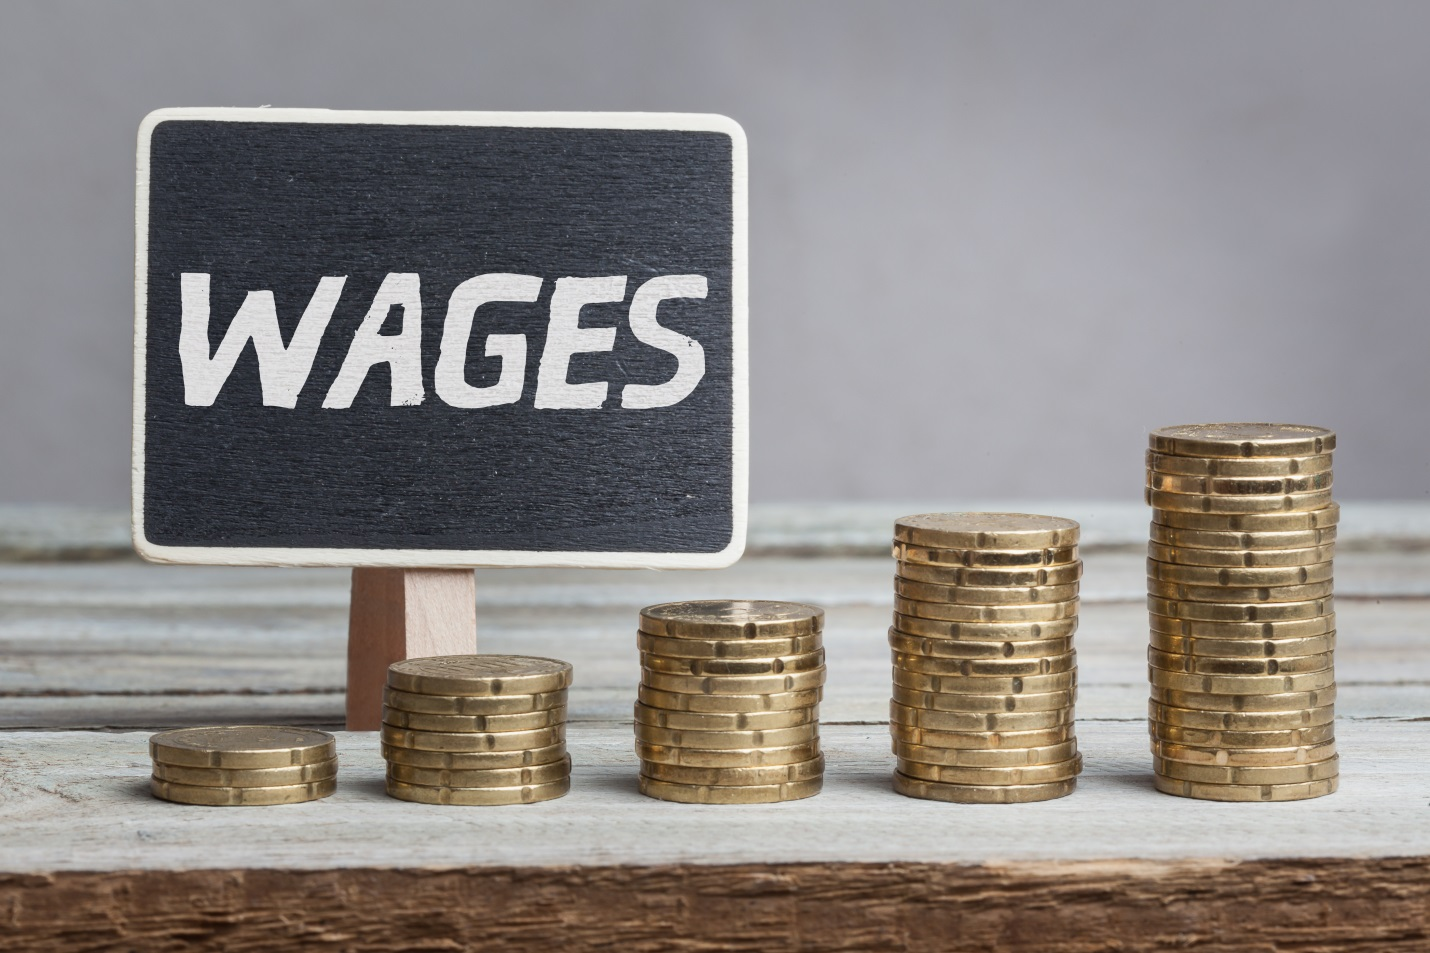 2019թ. հունվար-մայիս ամիսներին Հայաստանում միջին ամսական անվանական աշխատավարձը կազմել է 176,215 դրամ